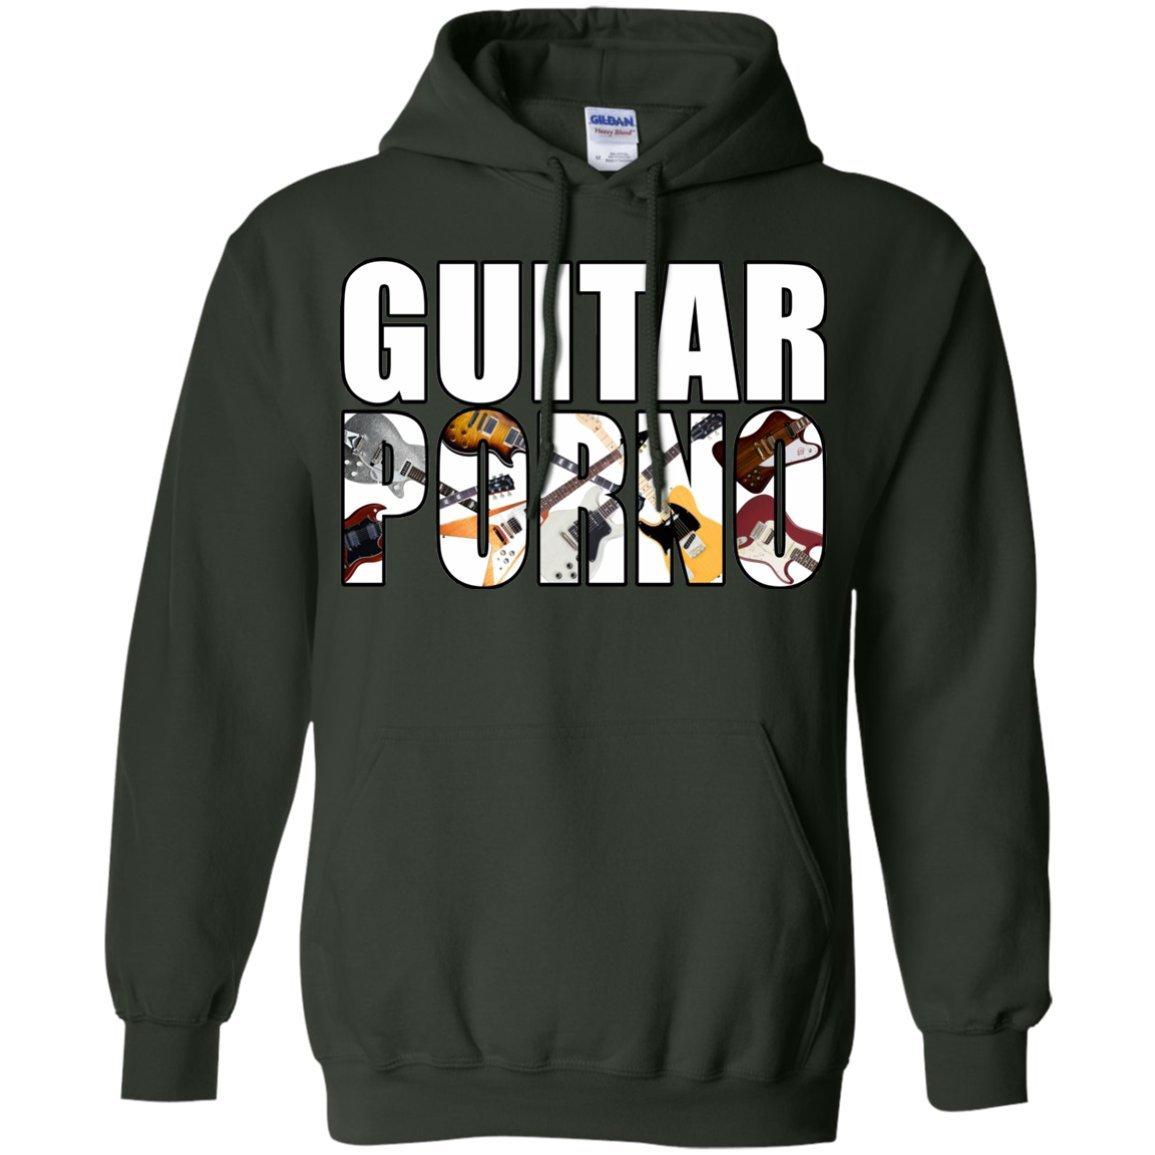 Swag Attack Gear Guitar Porno Hoodie